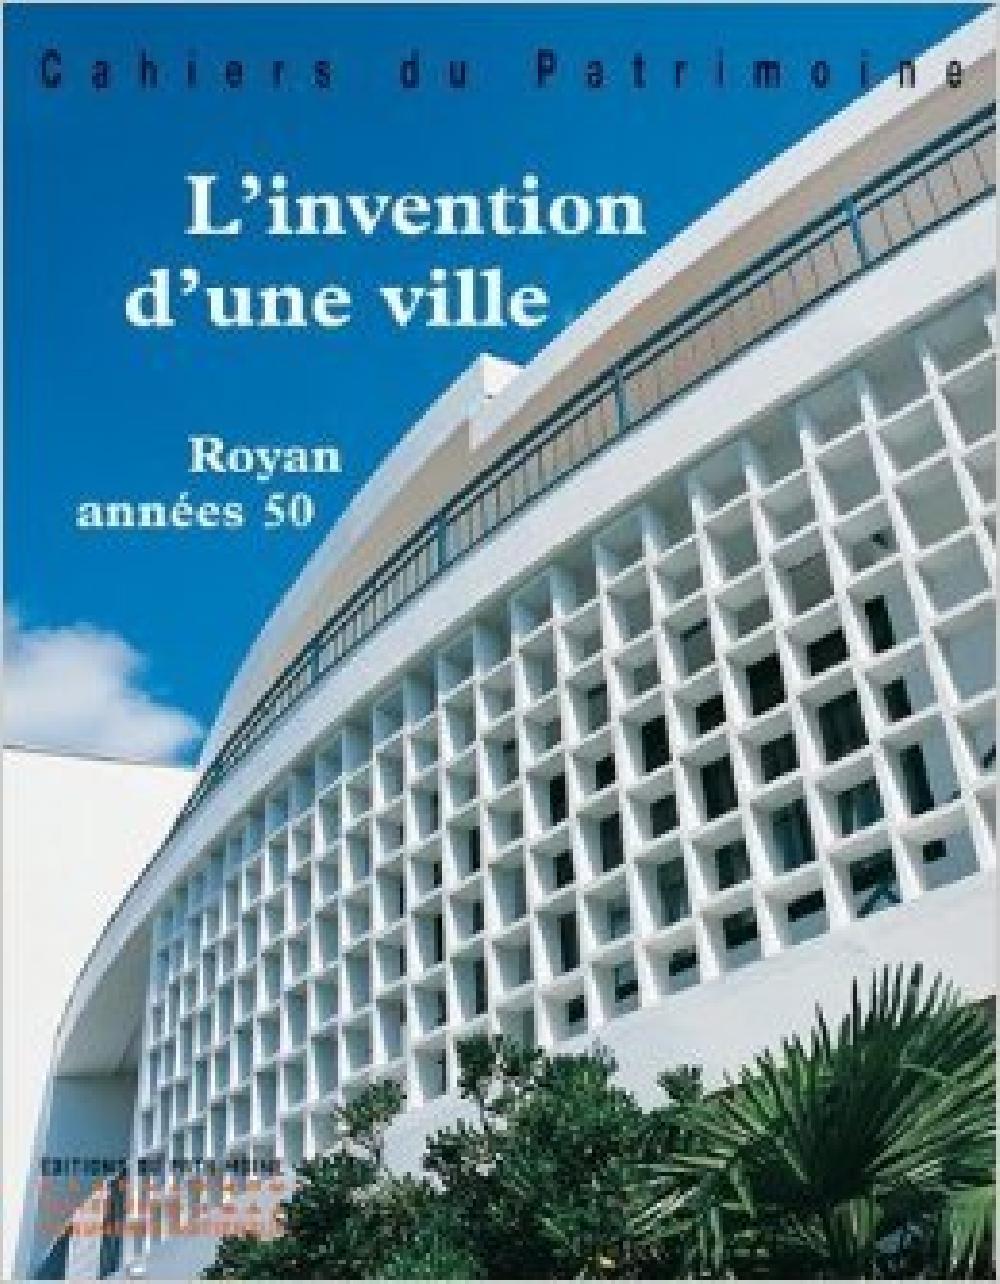 L'invention d'une ville, Royan années 50